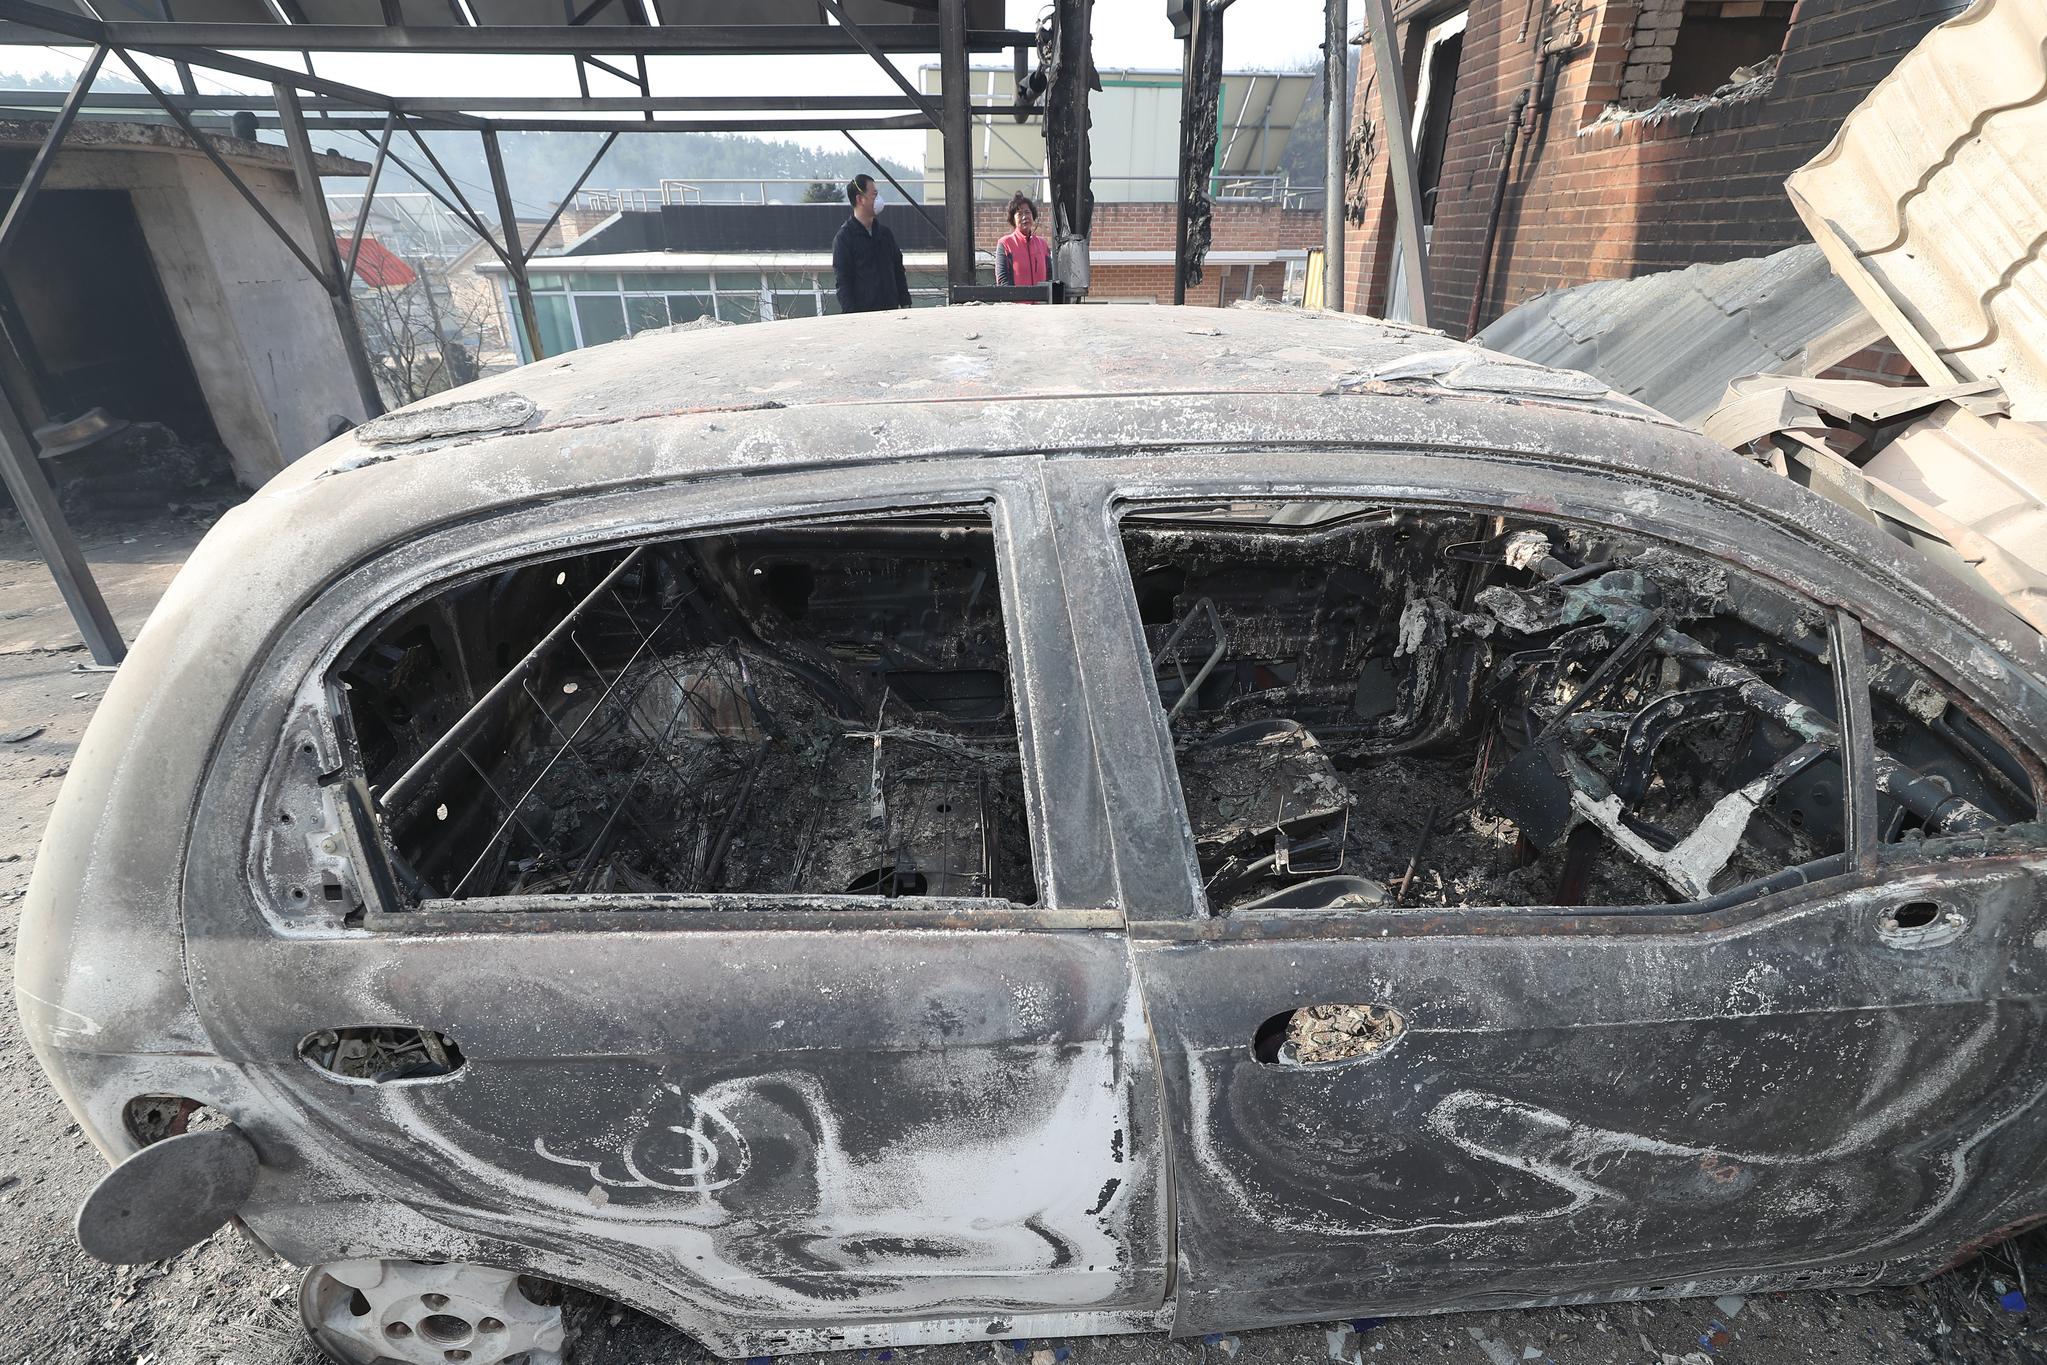 5일 오전 전날 강원도 고성군 토성면에서 시작된 산불이 번진 속초시 장천마을에서 한 주민이 불타버린 집 앞에서 허탈하게 서 있다. [연합뉴스]